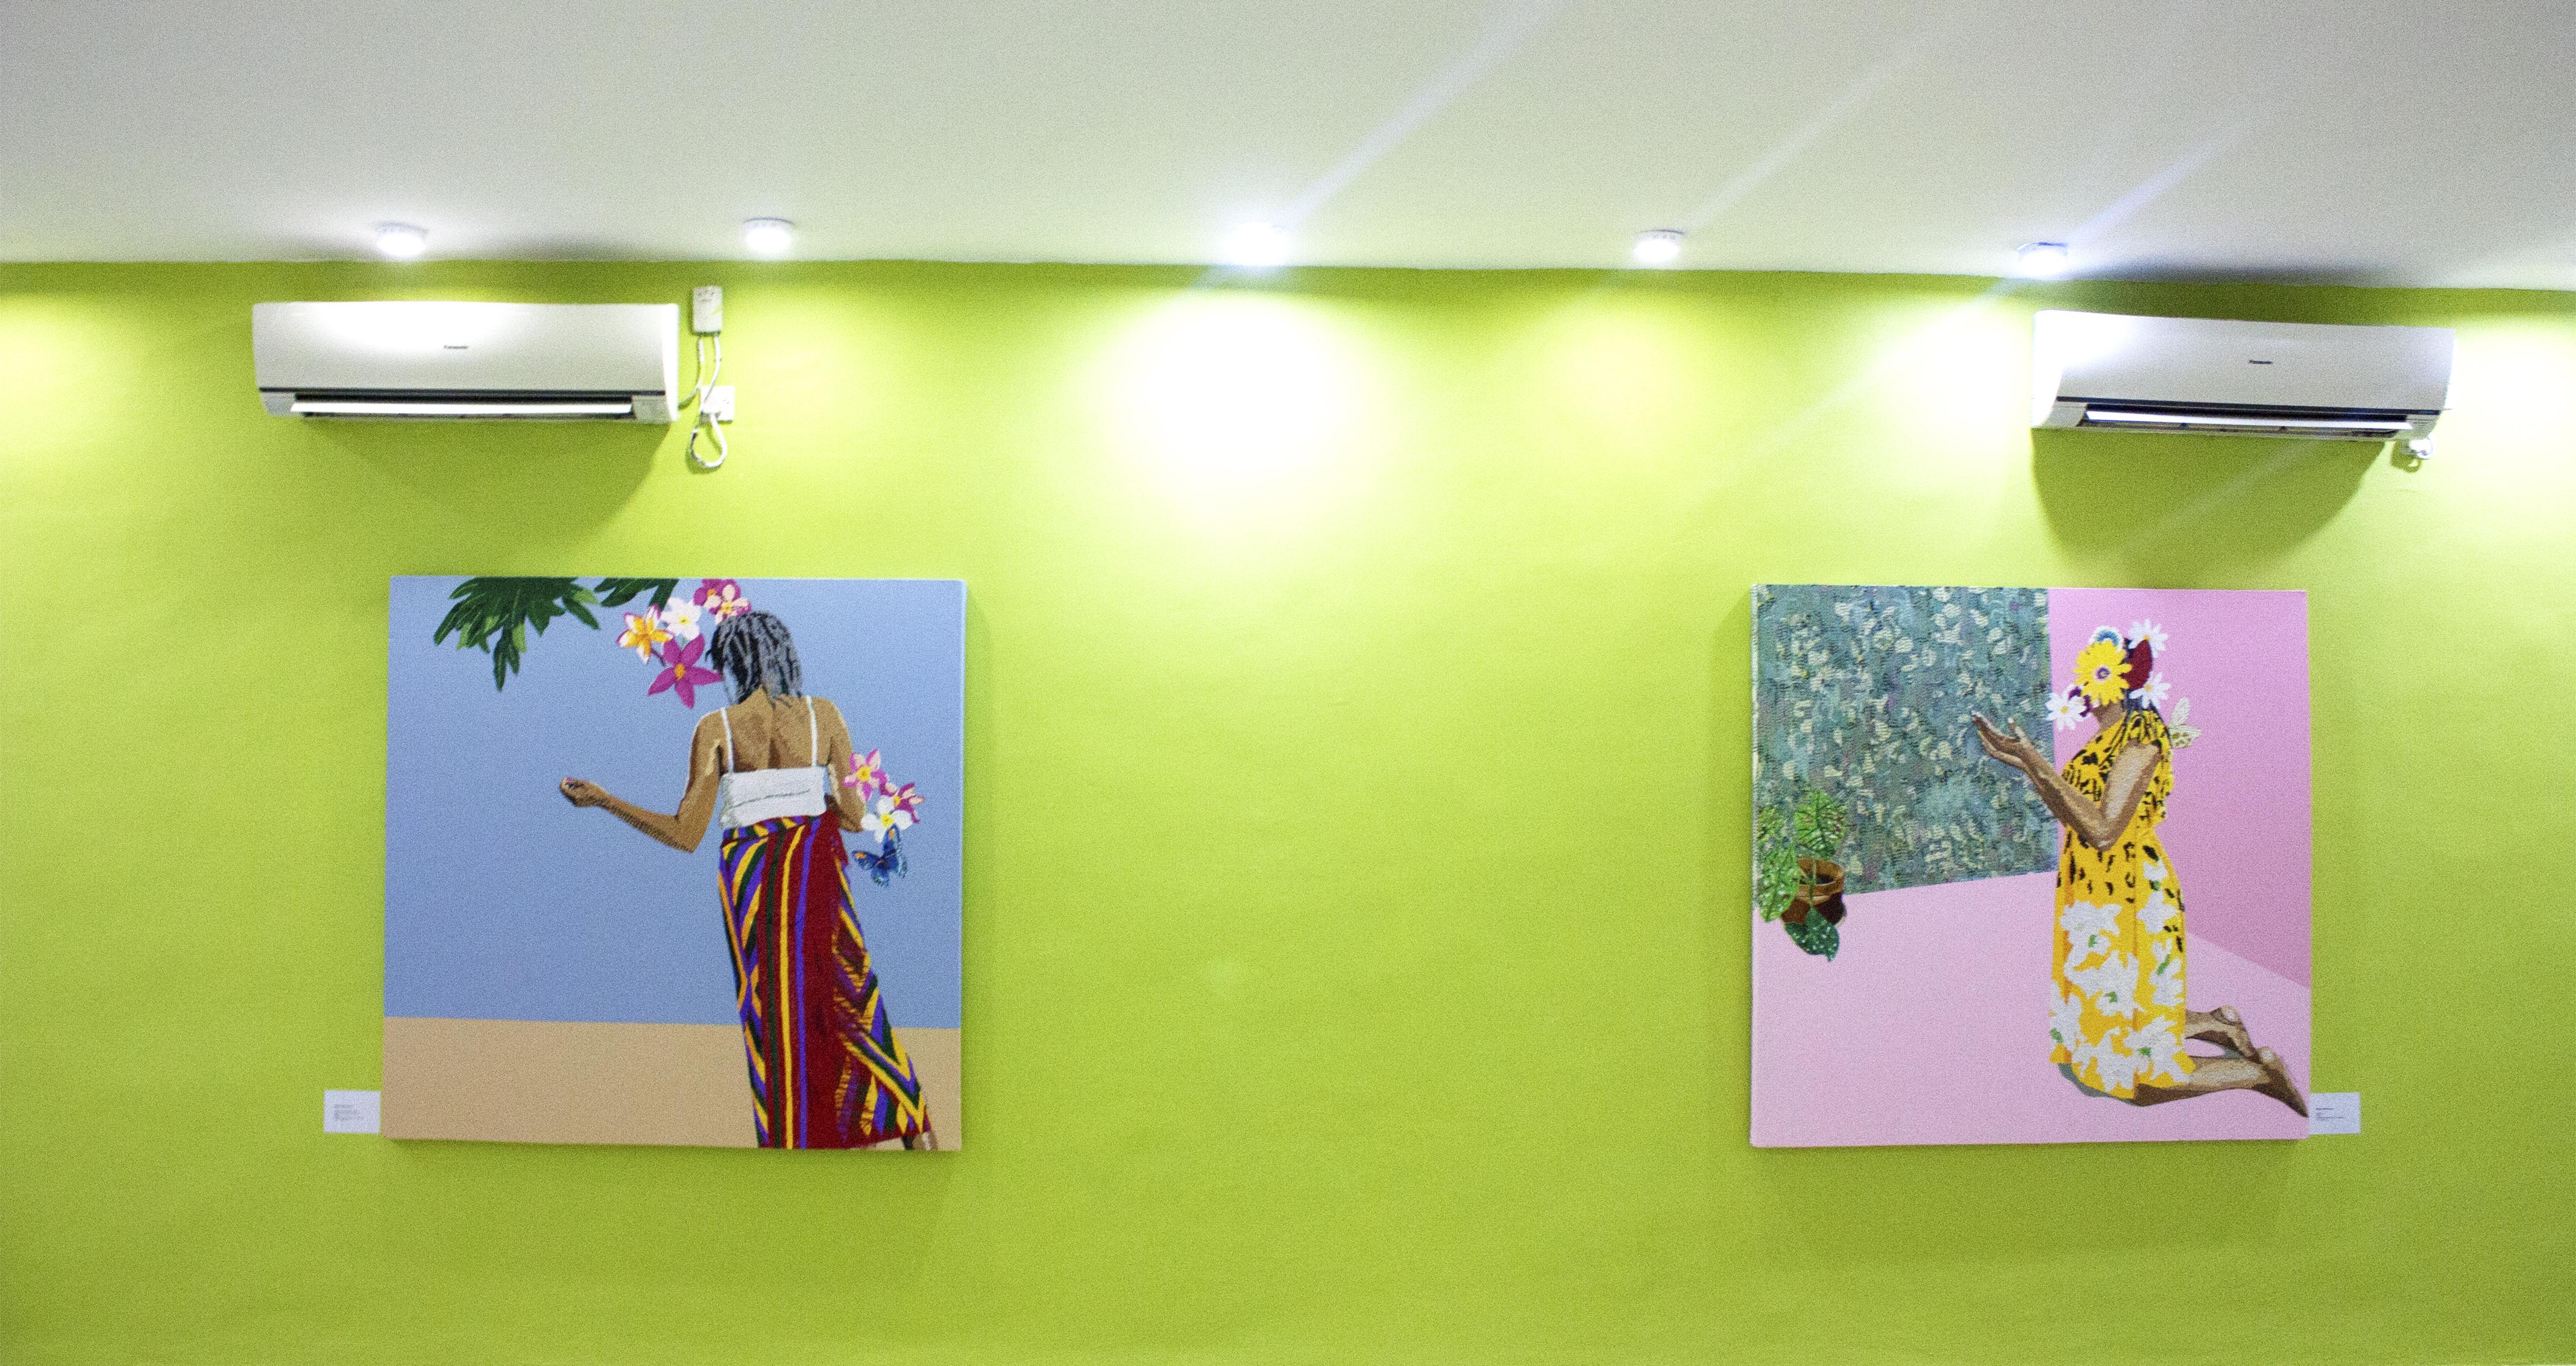 Ngozi Schommers, Ìgwè bụ ényí, 2018. Courtesy of Omenka Gallery.